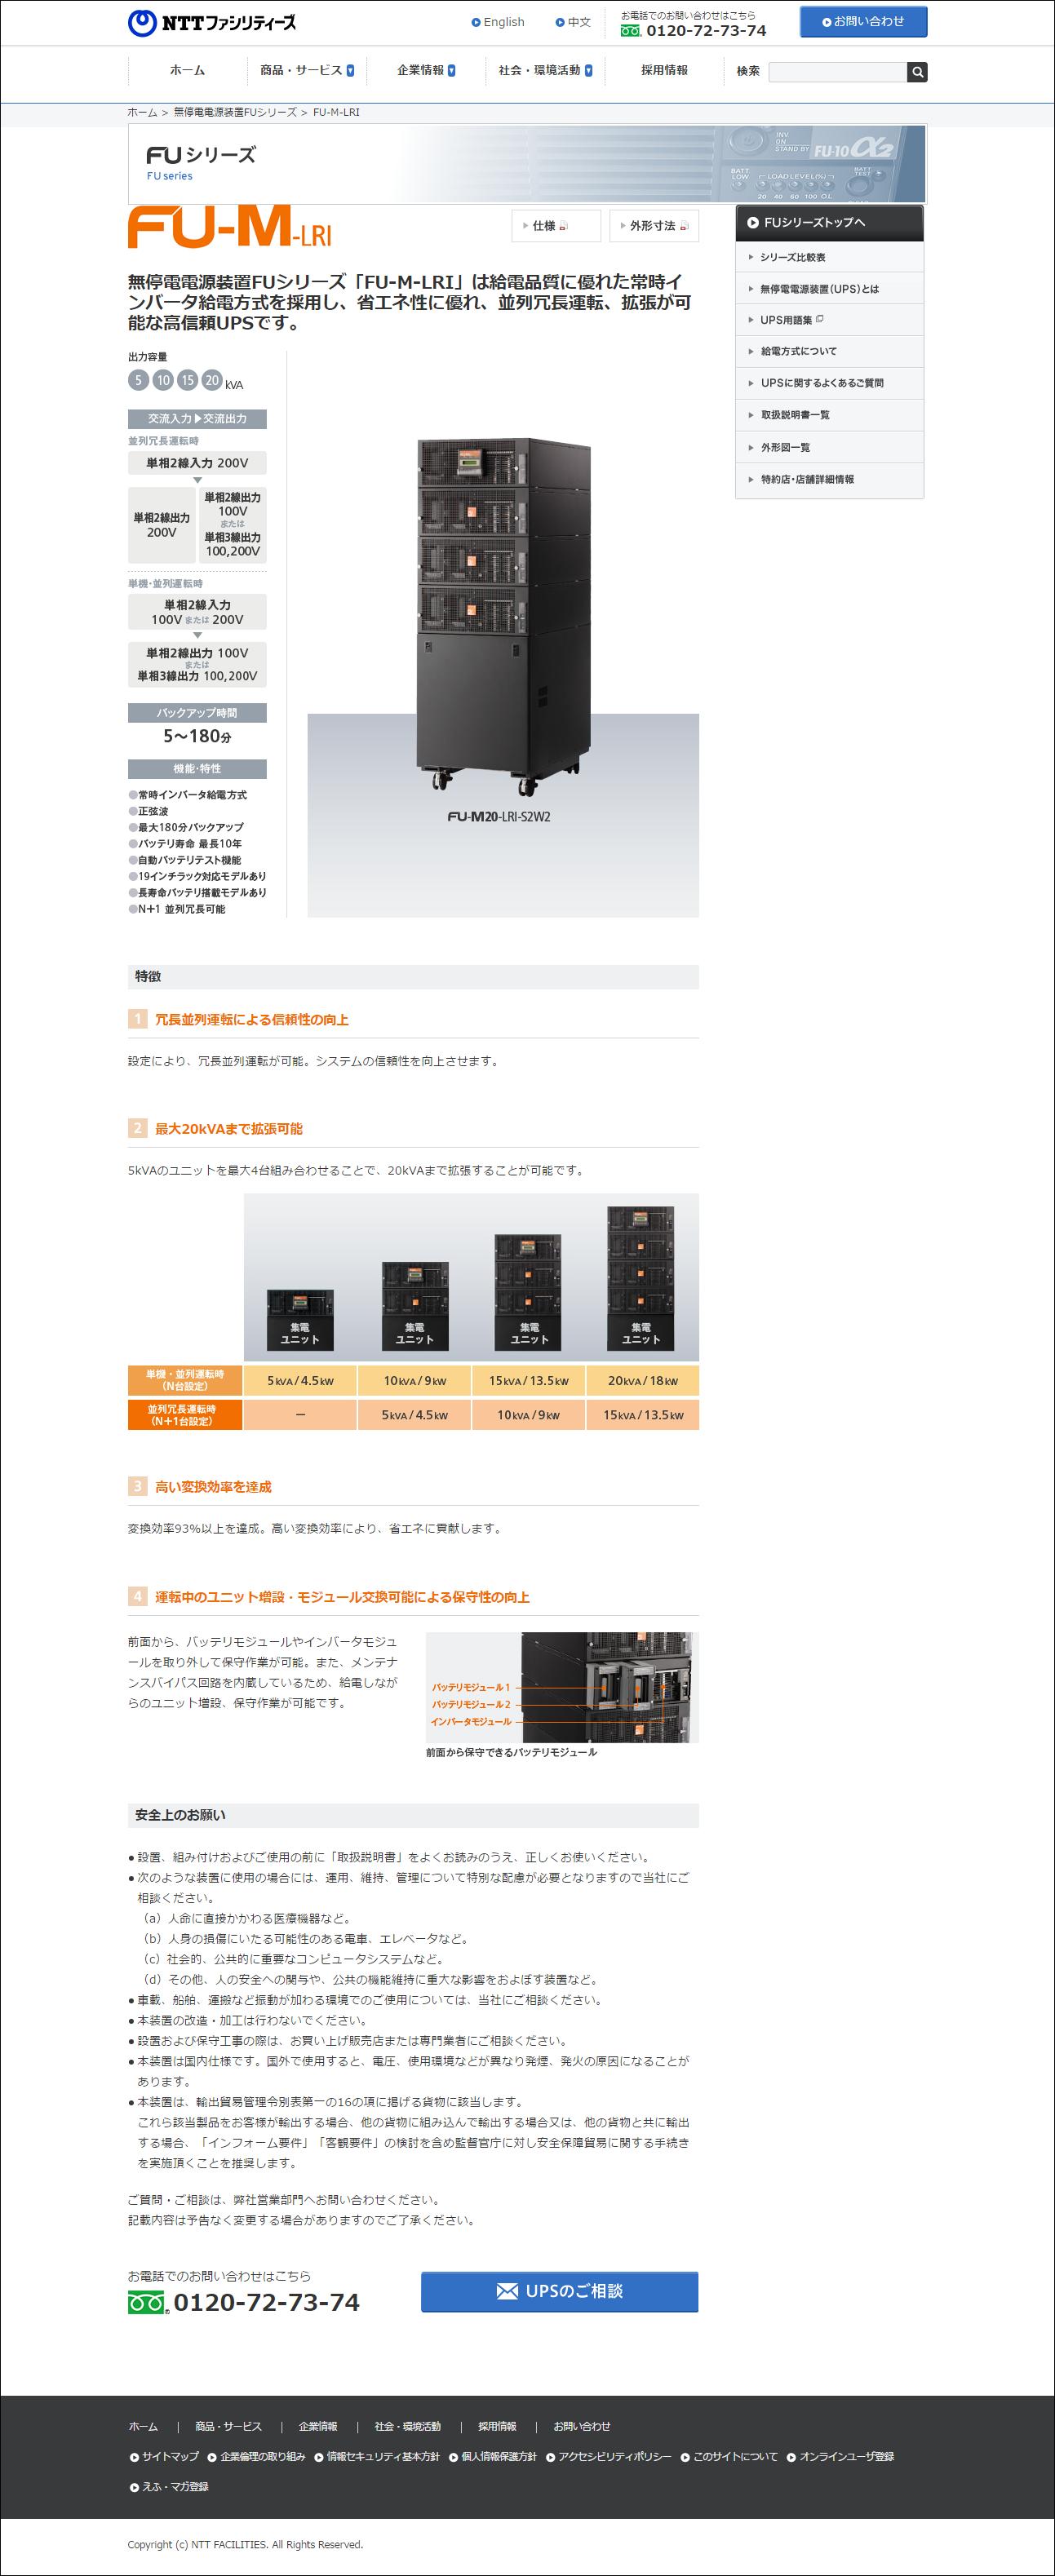 画像:製品情報特設サイト「FUシリーズ」/NTTファシリティーズ